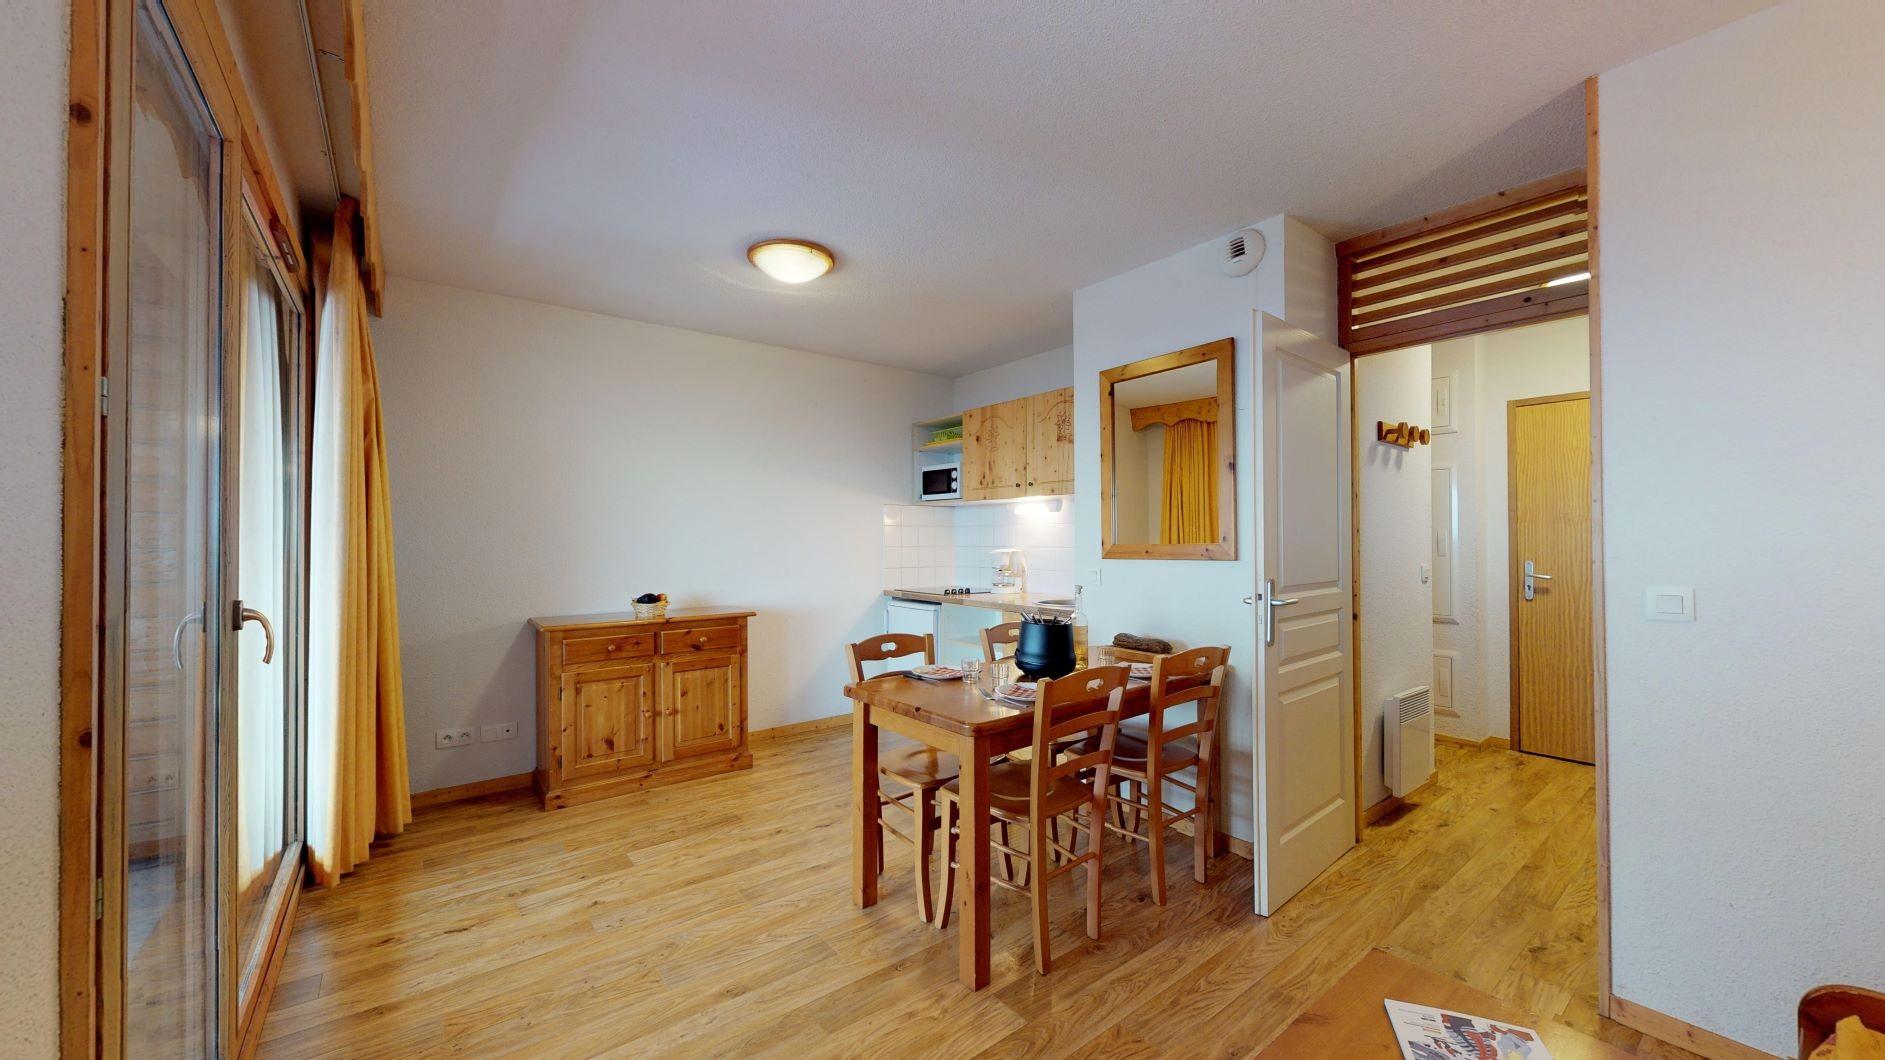 alpvision-residences-chamrousse-5-12162019-125249-1225850